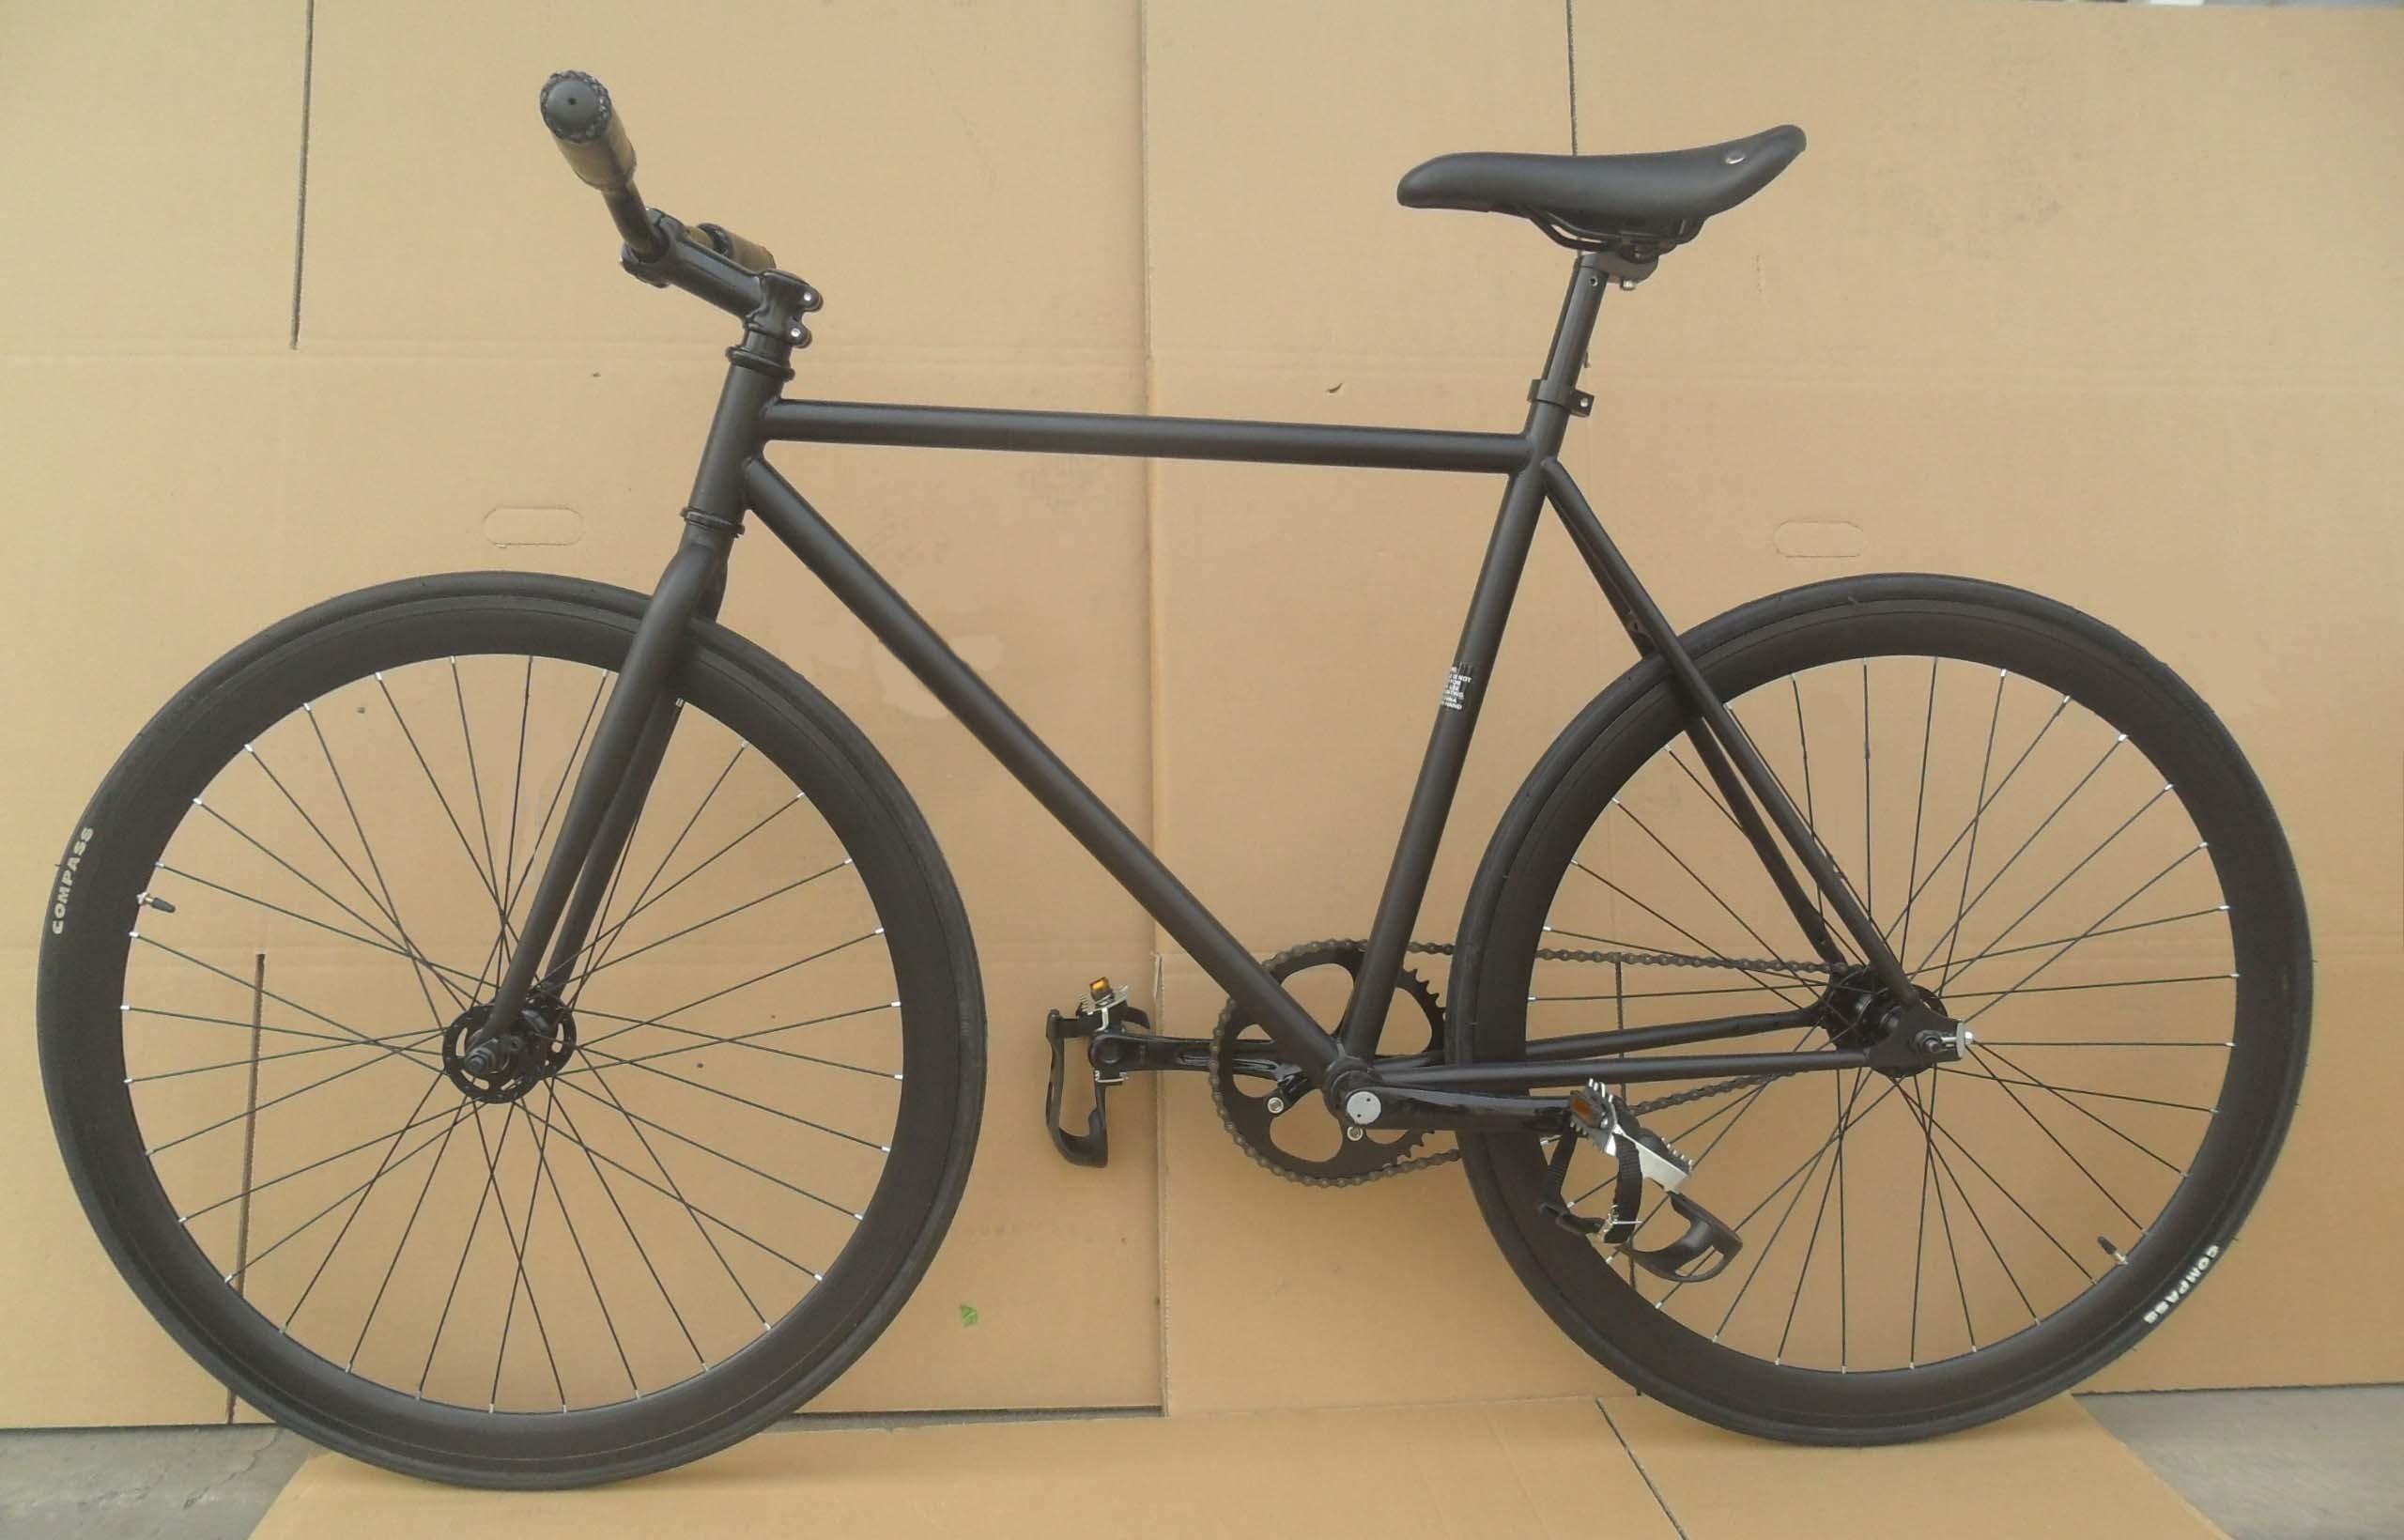 死飞跟活飞的区别_死飞自行车和活飞自行车有什么区别?_百度知道